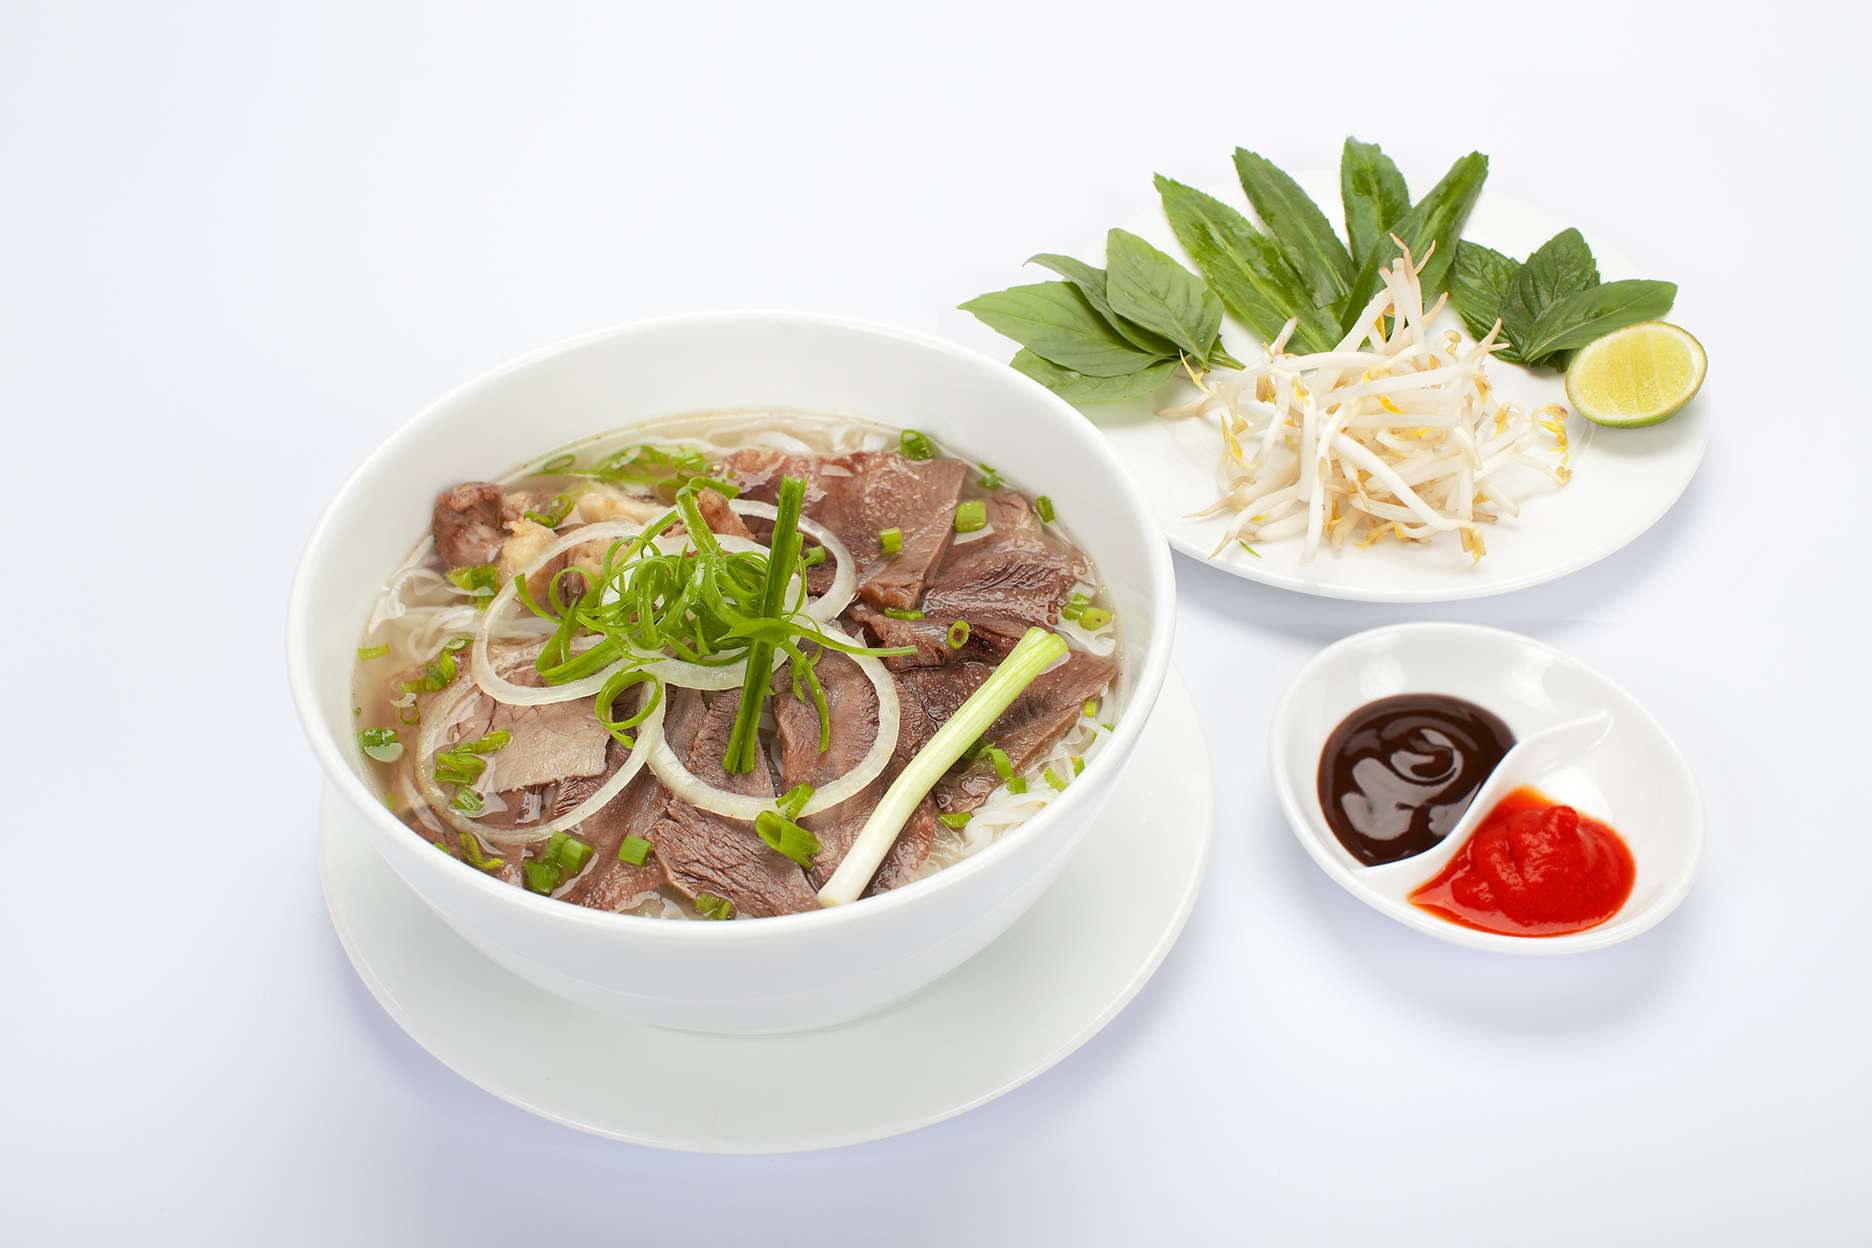 อาหารเวียดนามที่ผมรู้จักมานานคือเฝอหรือก๋วยเตี๋ยวเวียดนาม